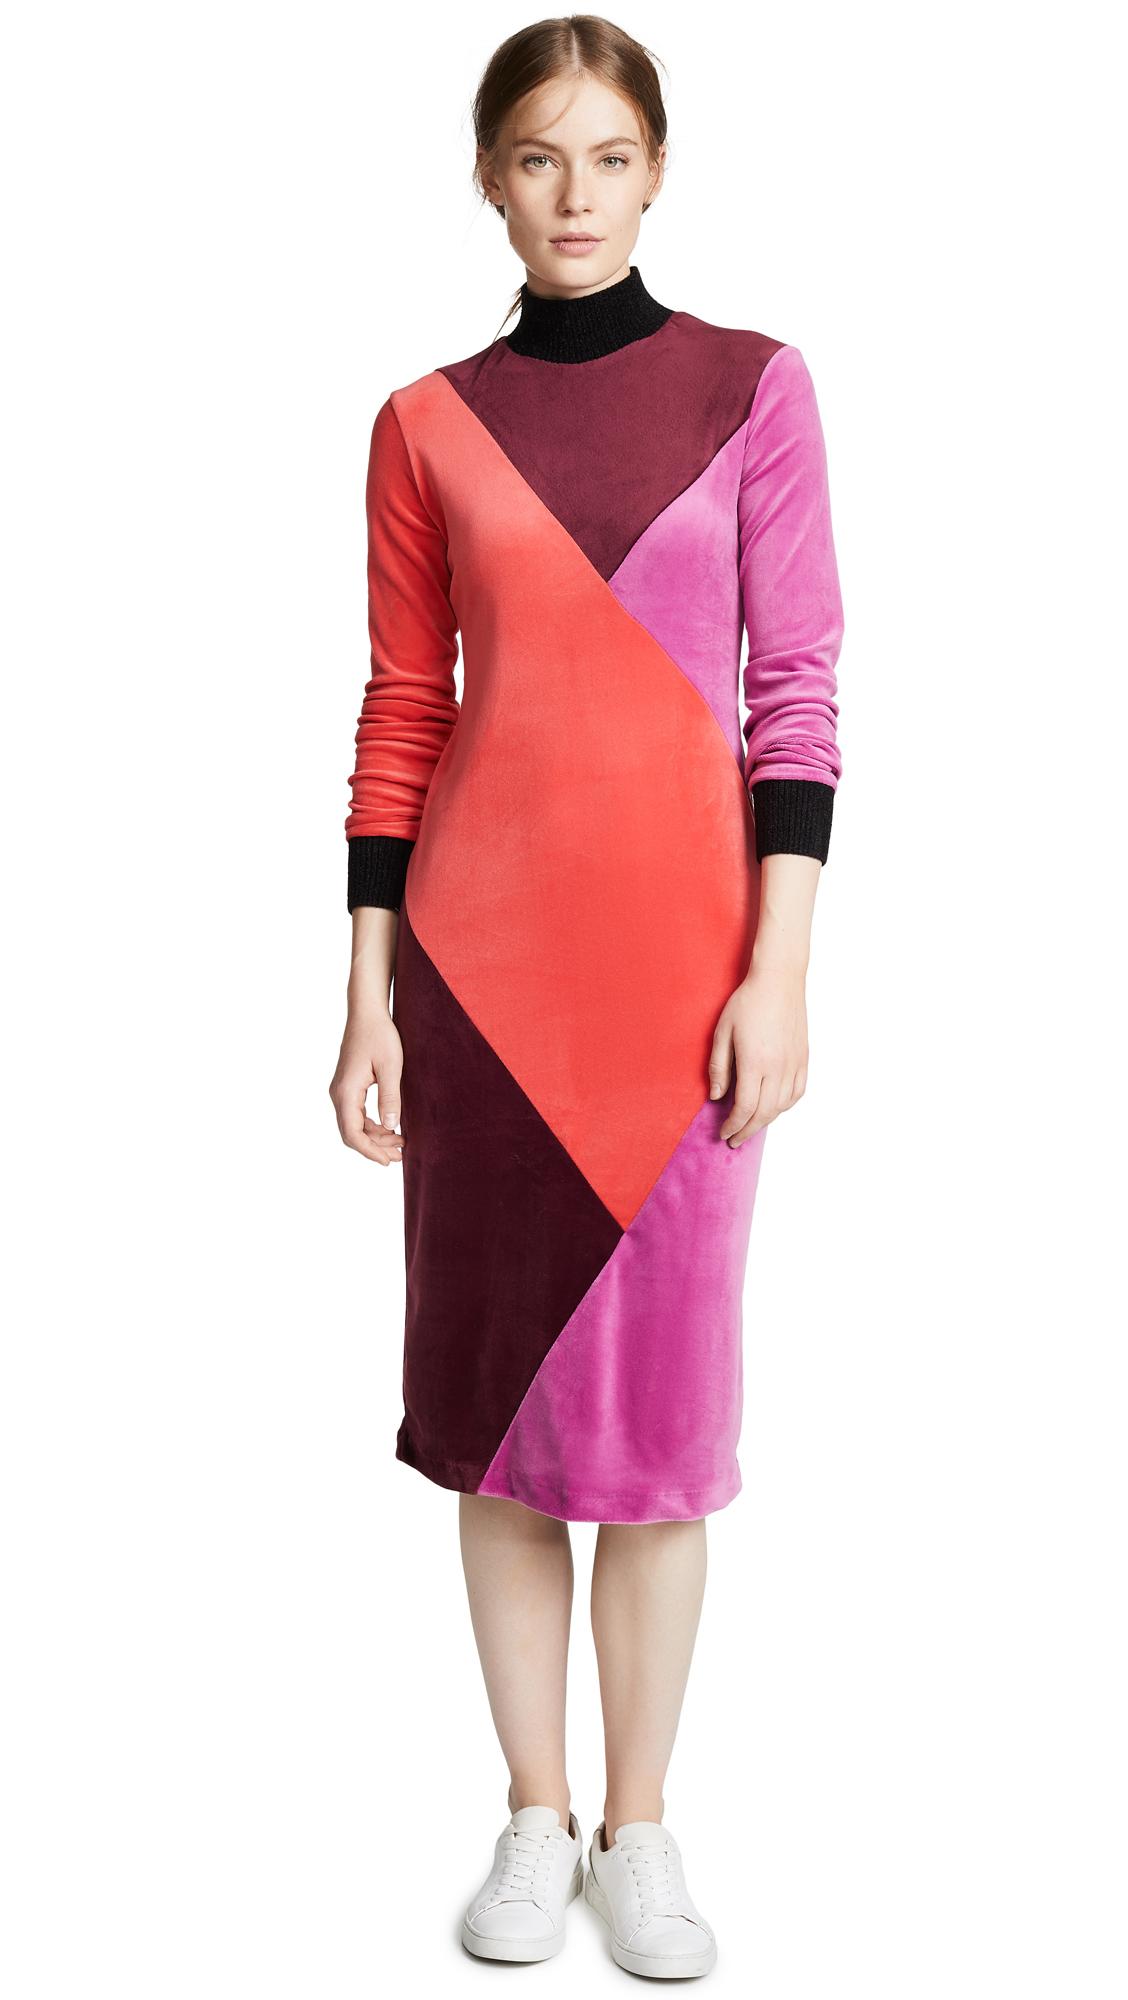 Splendid x Margherita Velutto Dress - Borgogna